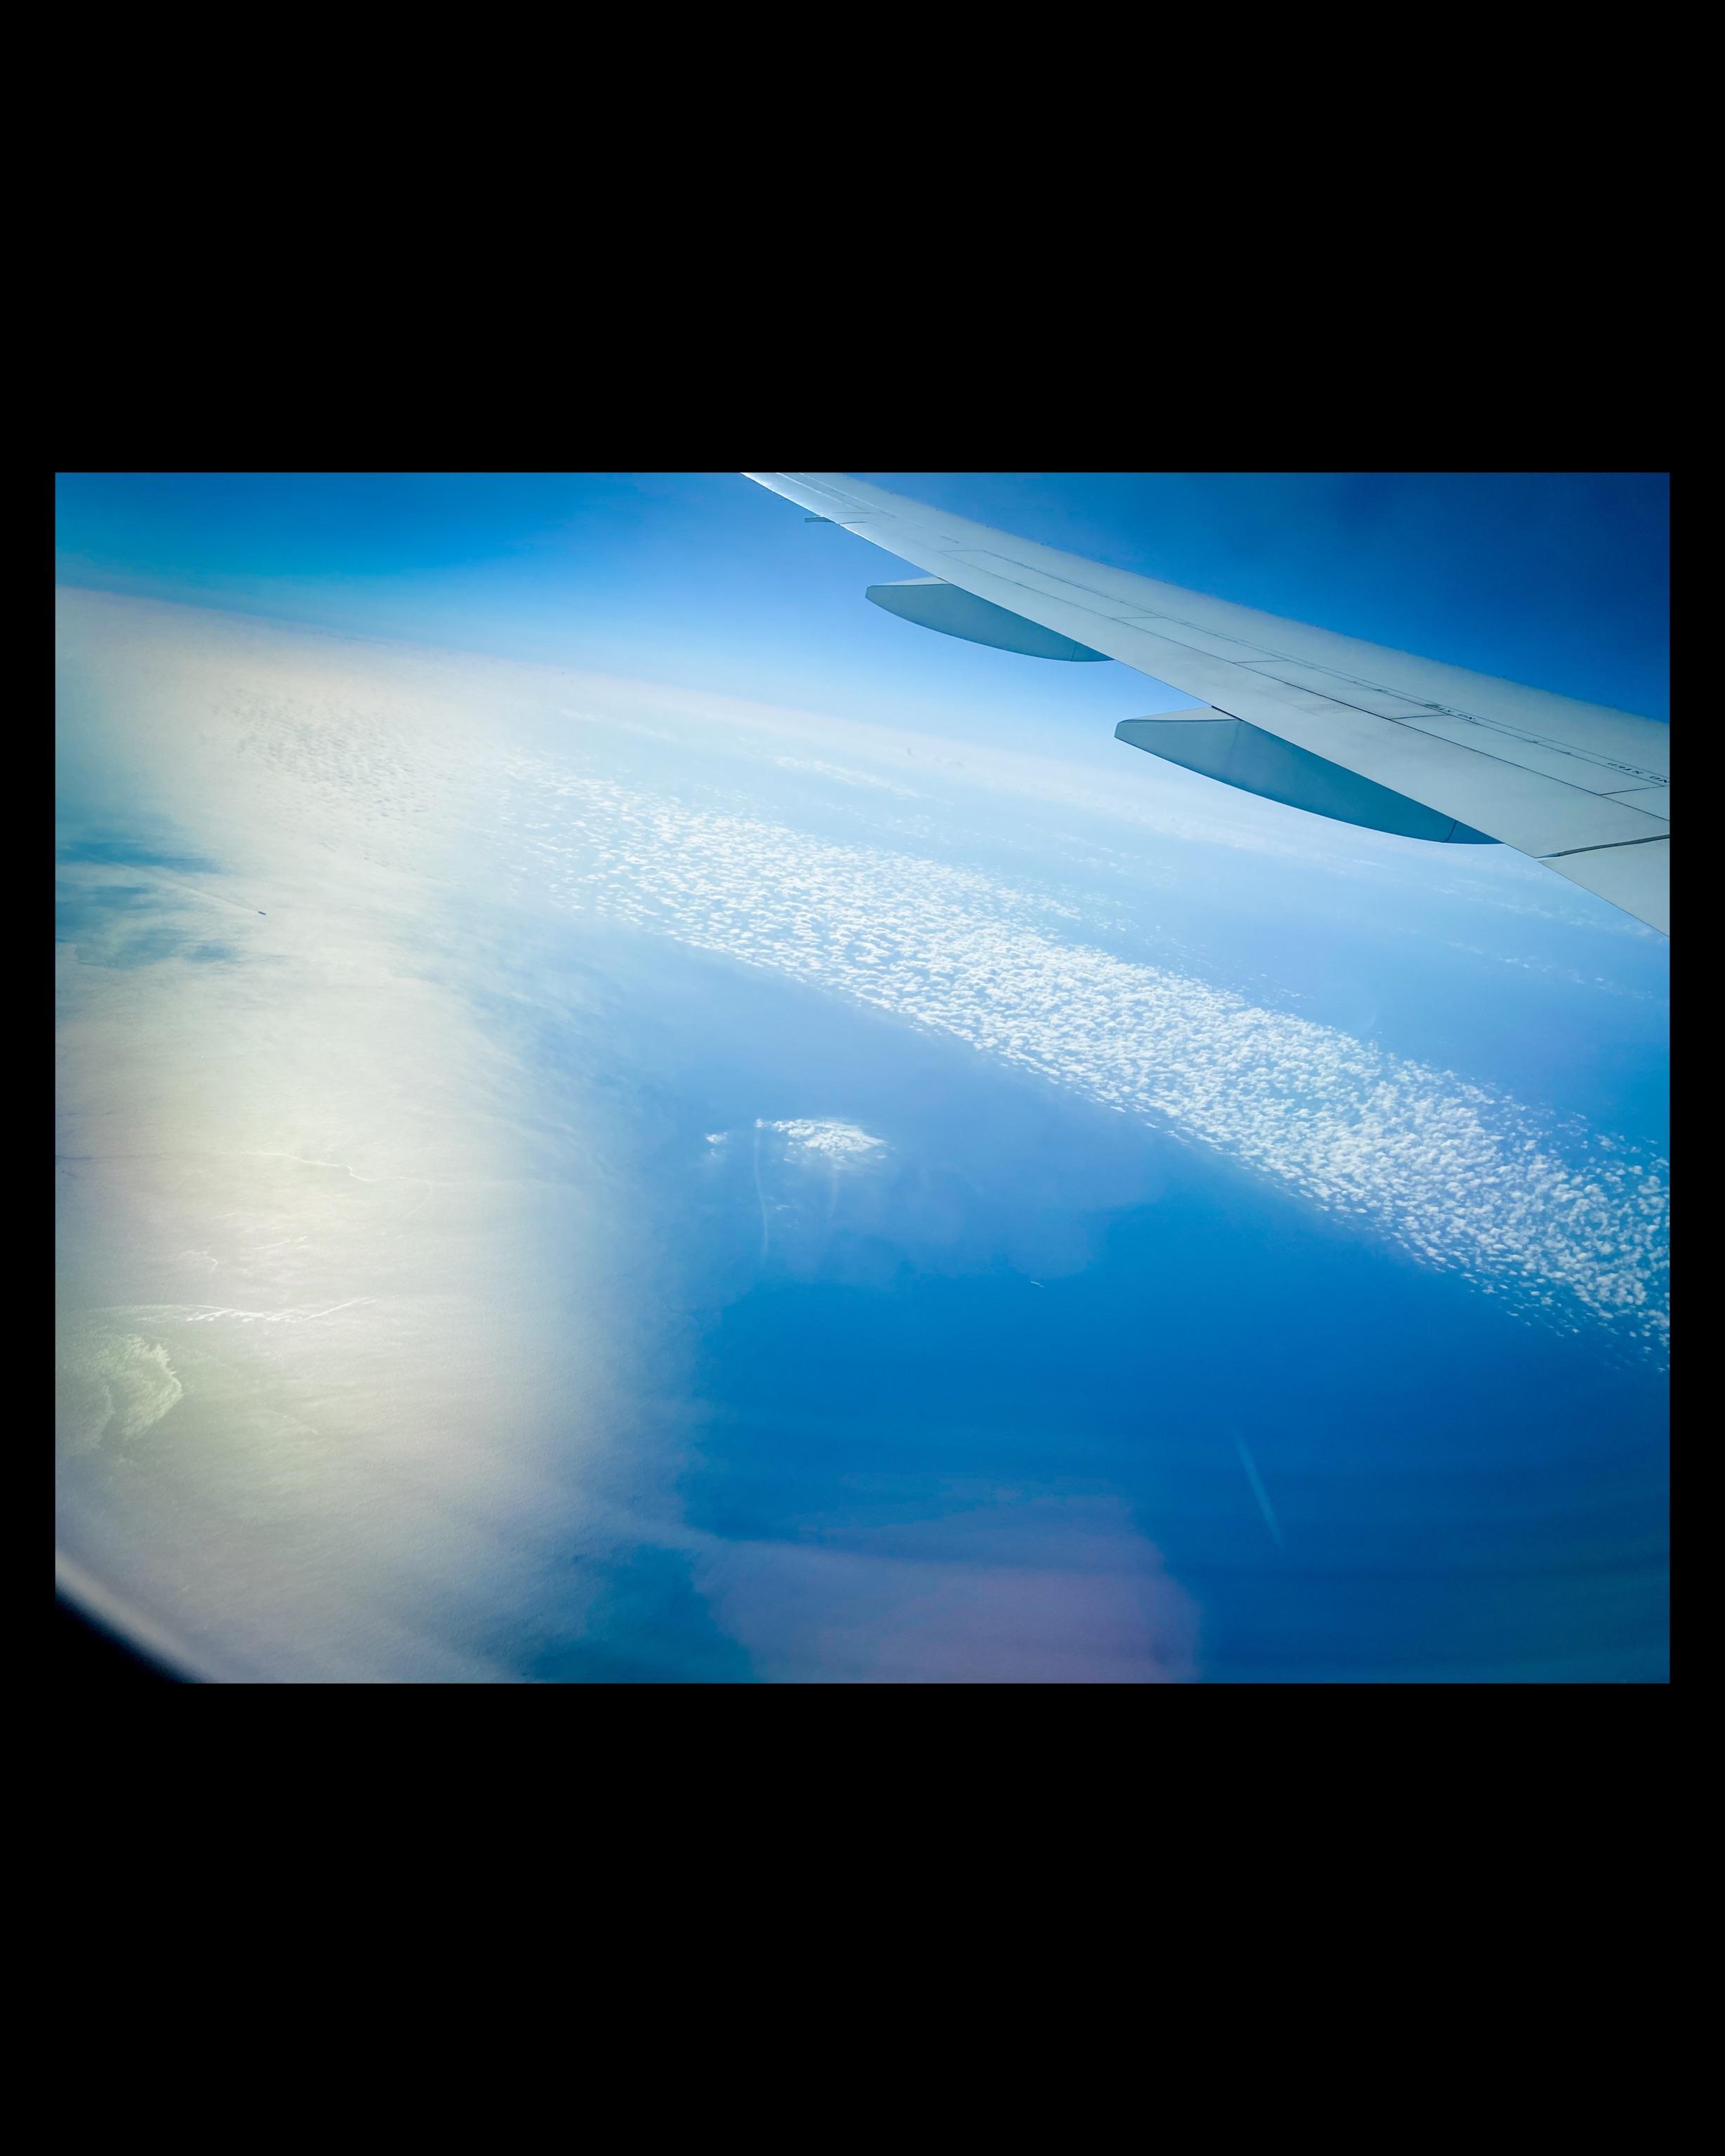 f:id:jette_photo-club:20210907183218j:image